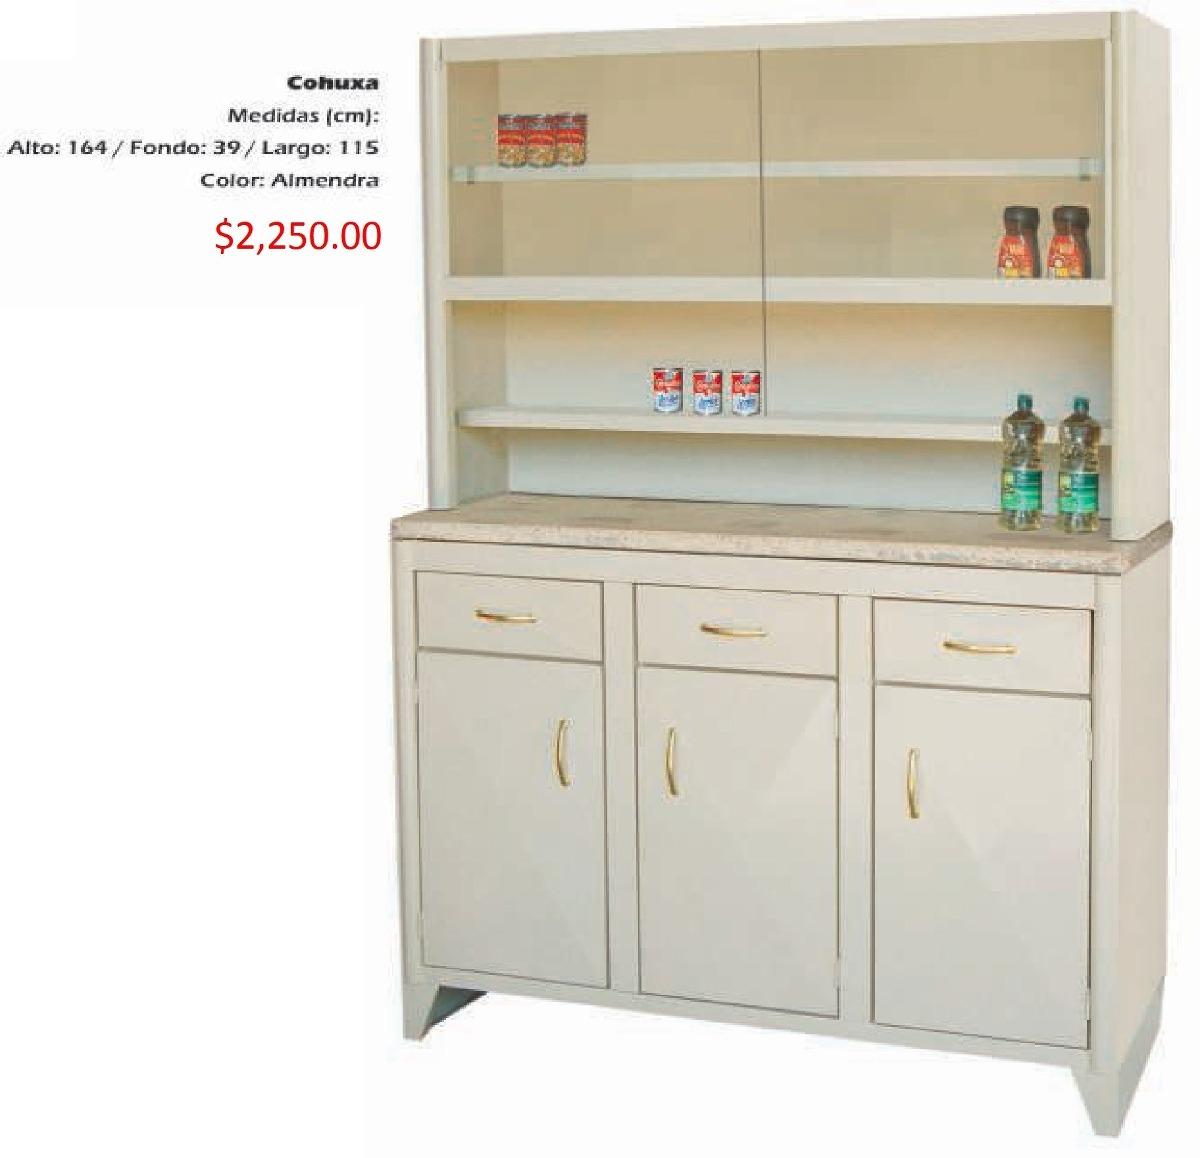 Mueble Para Cocina Modelo Cohuxa 2 En Mercadolibre